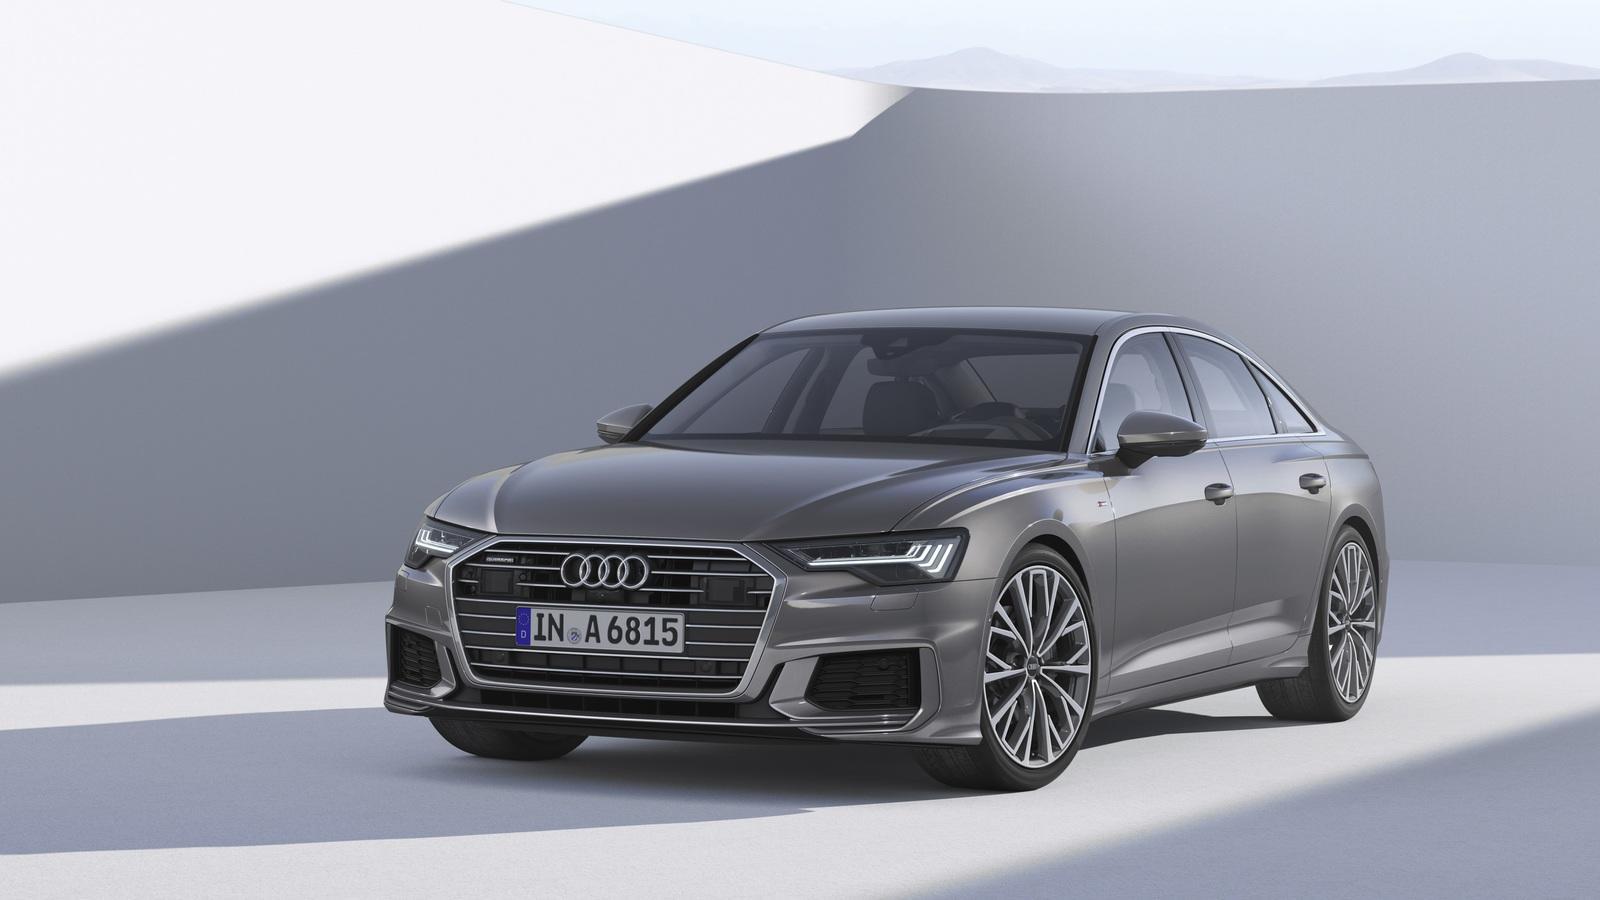 Kekurangan A6 Audi 2019 Perbandingan Harga